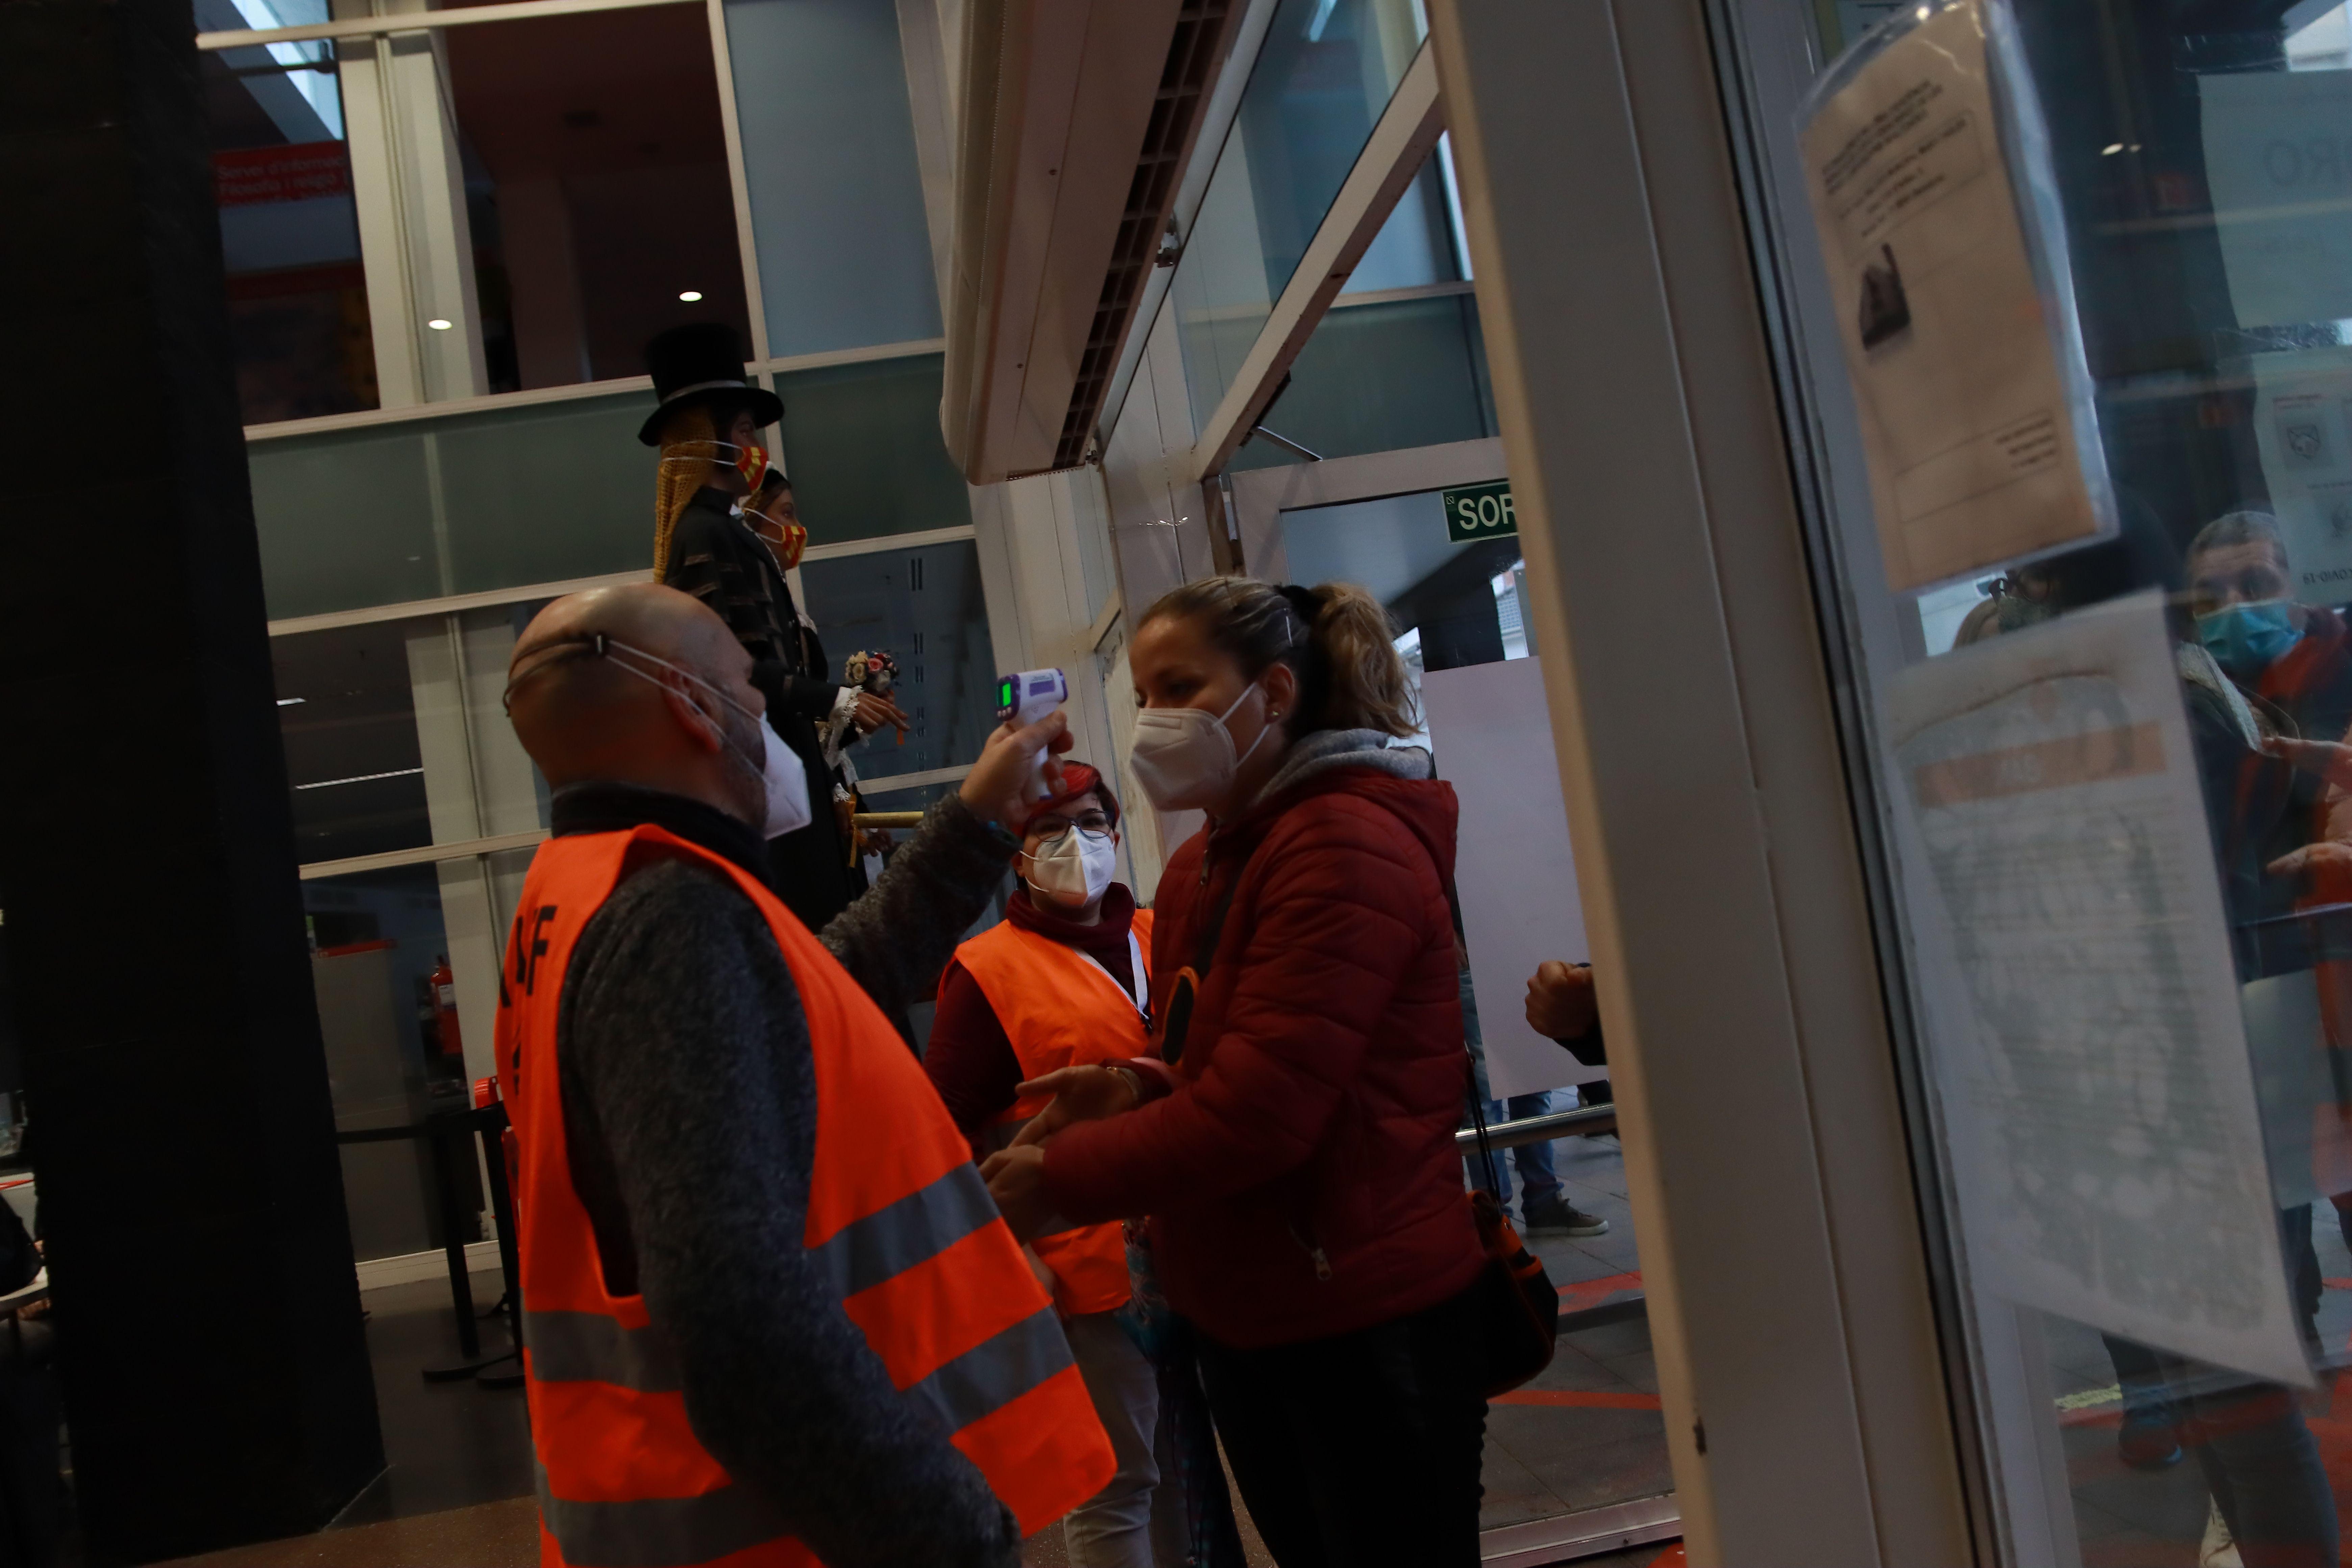 Eleccions del 14 de febrer a Rubí. FOTO: Josep Llamas